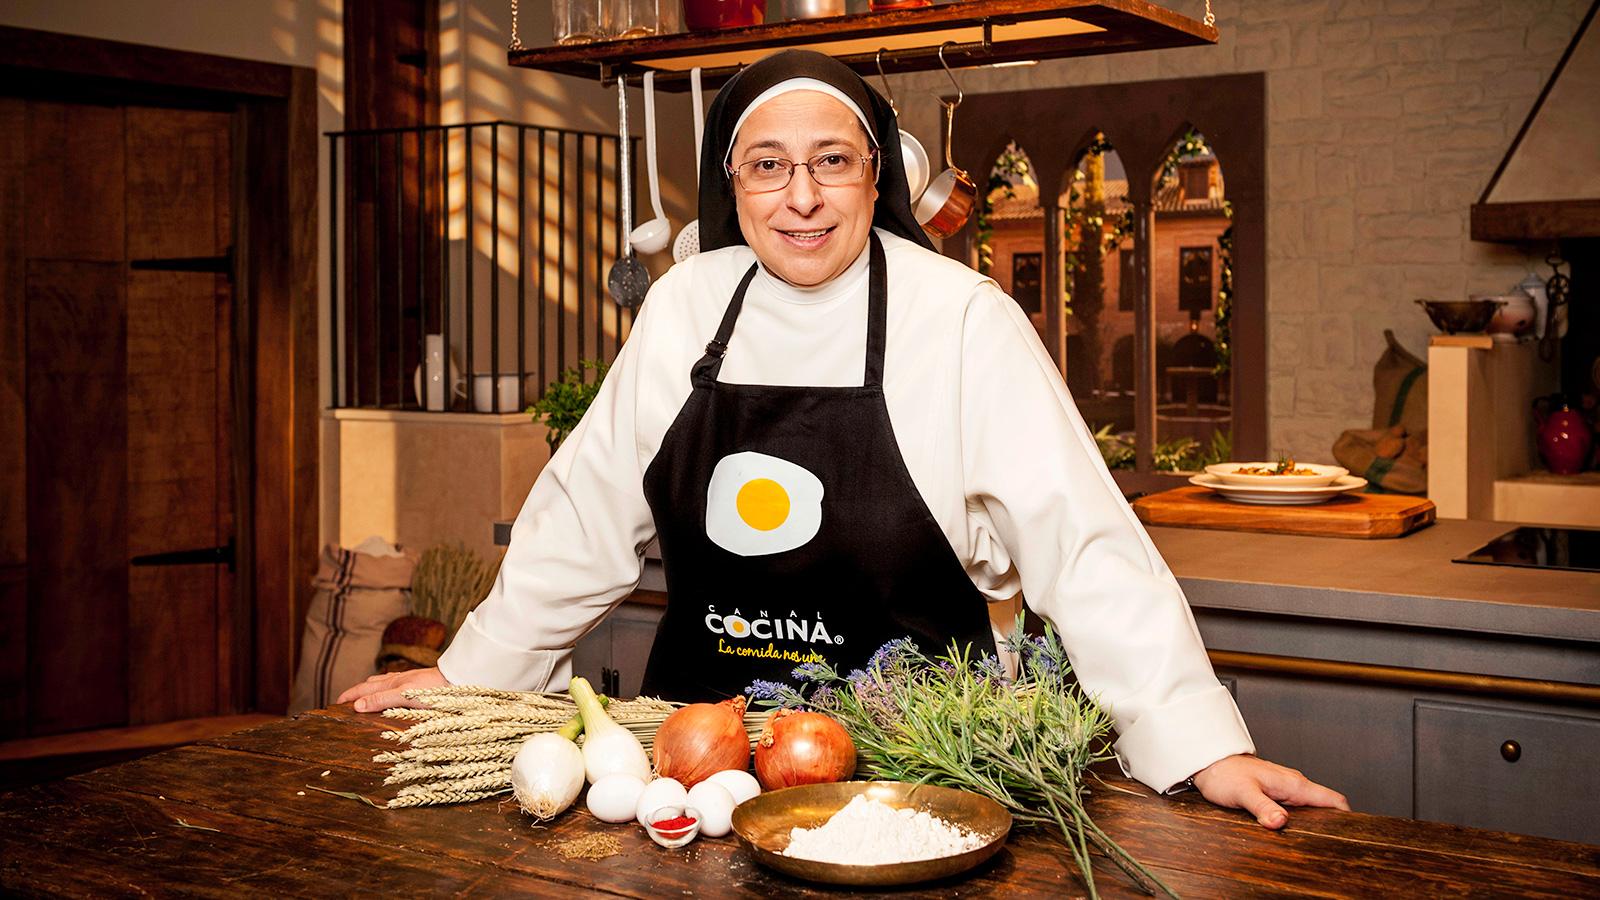 Sor lucia caram cocineros canal cocina for Cocineros de canal cocina